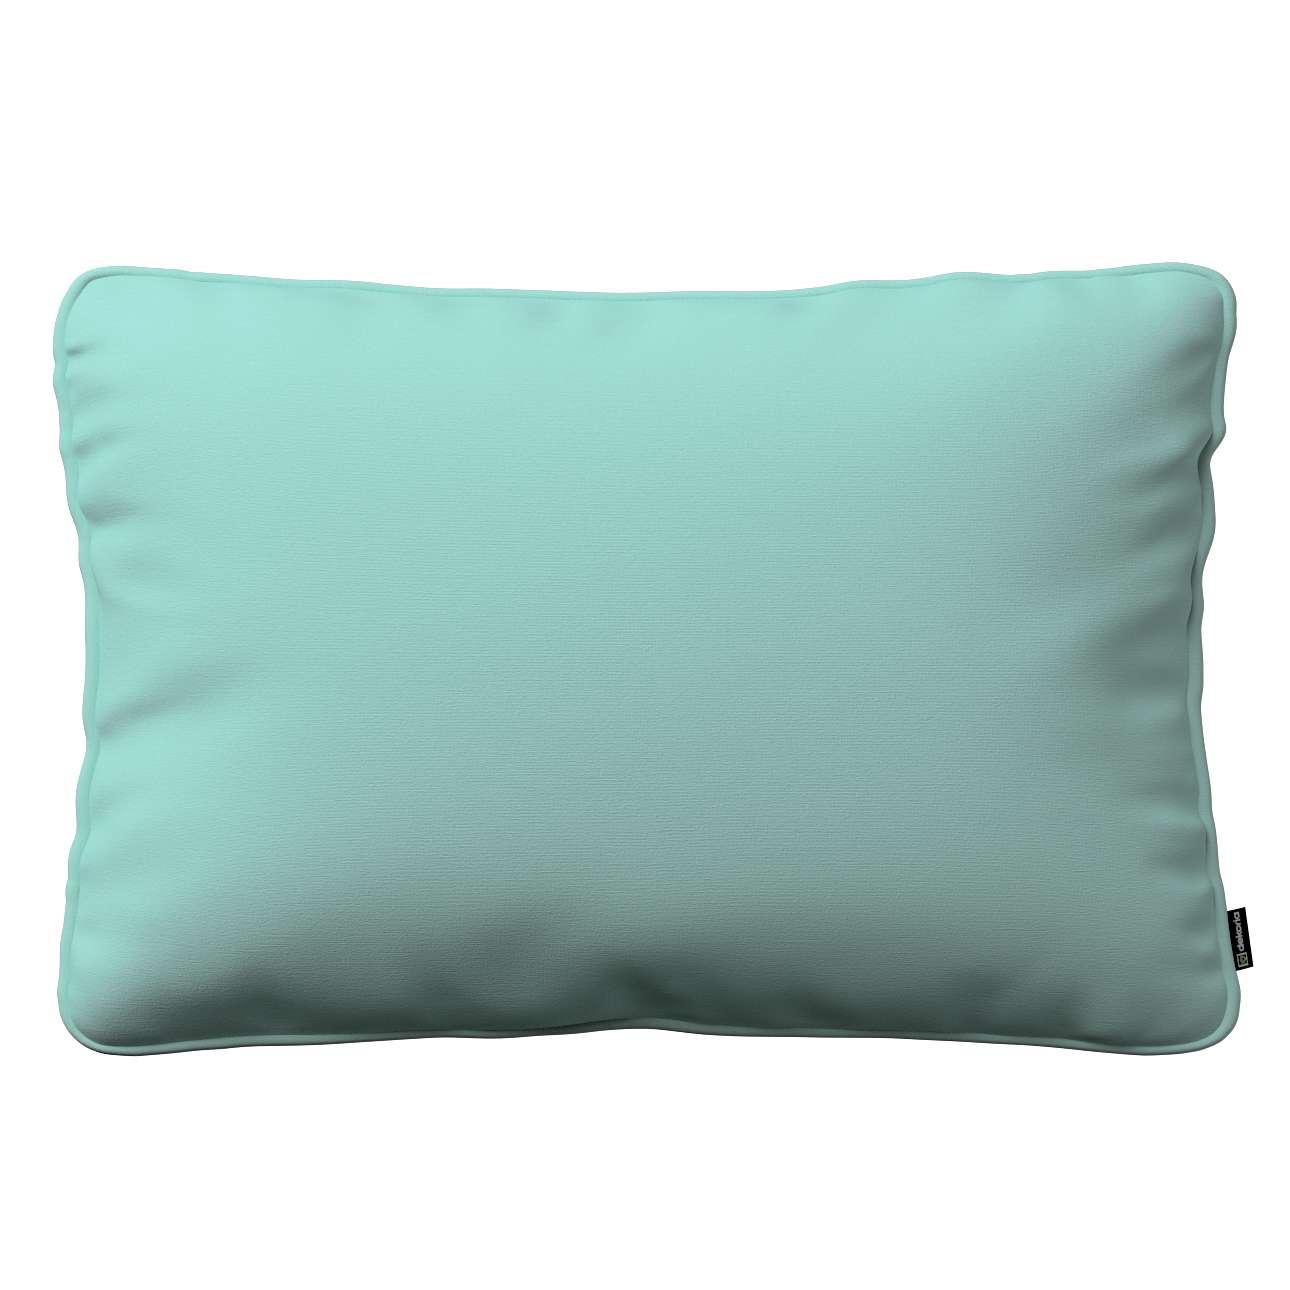 Poszewka Gabi na poduszkę prostokątna 60 x 40 cm w kolekcji Loneta, tkanina: 133-32